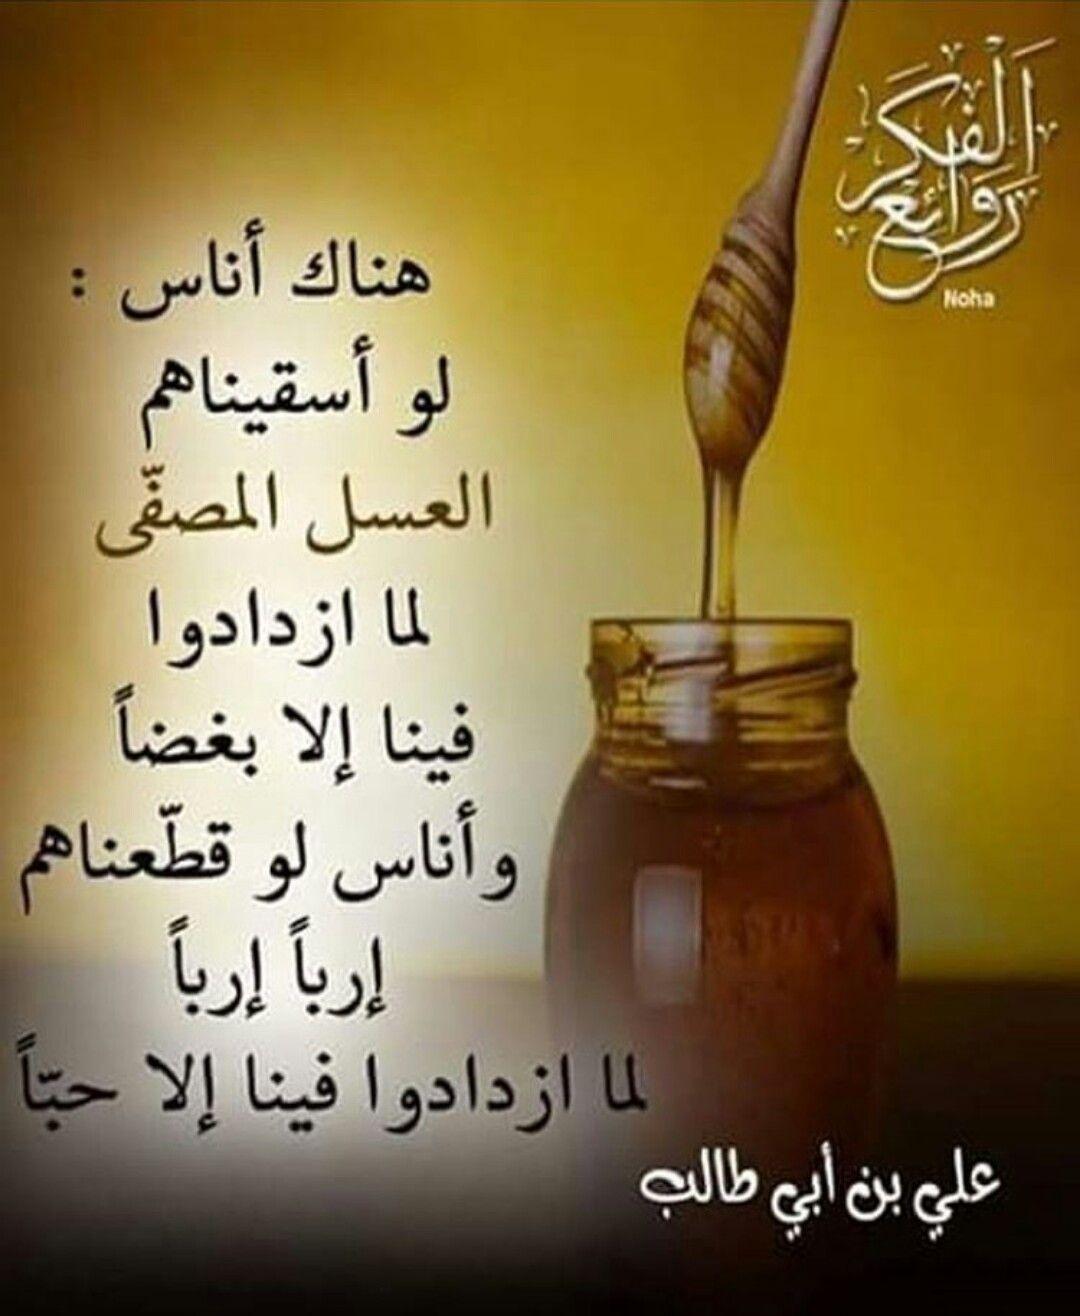 السلام عليك ياسيدي ومولاي ياابا الحسن والحسين Cool Words Ali Quotes Arabic Love Quotes